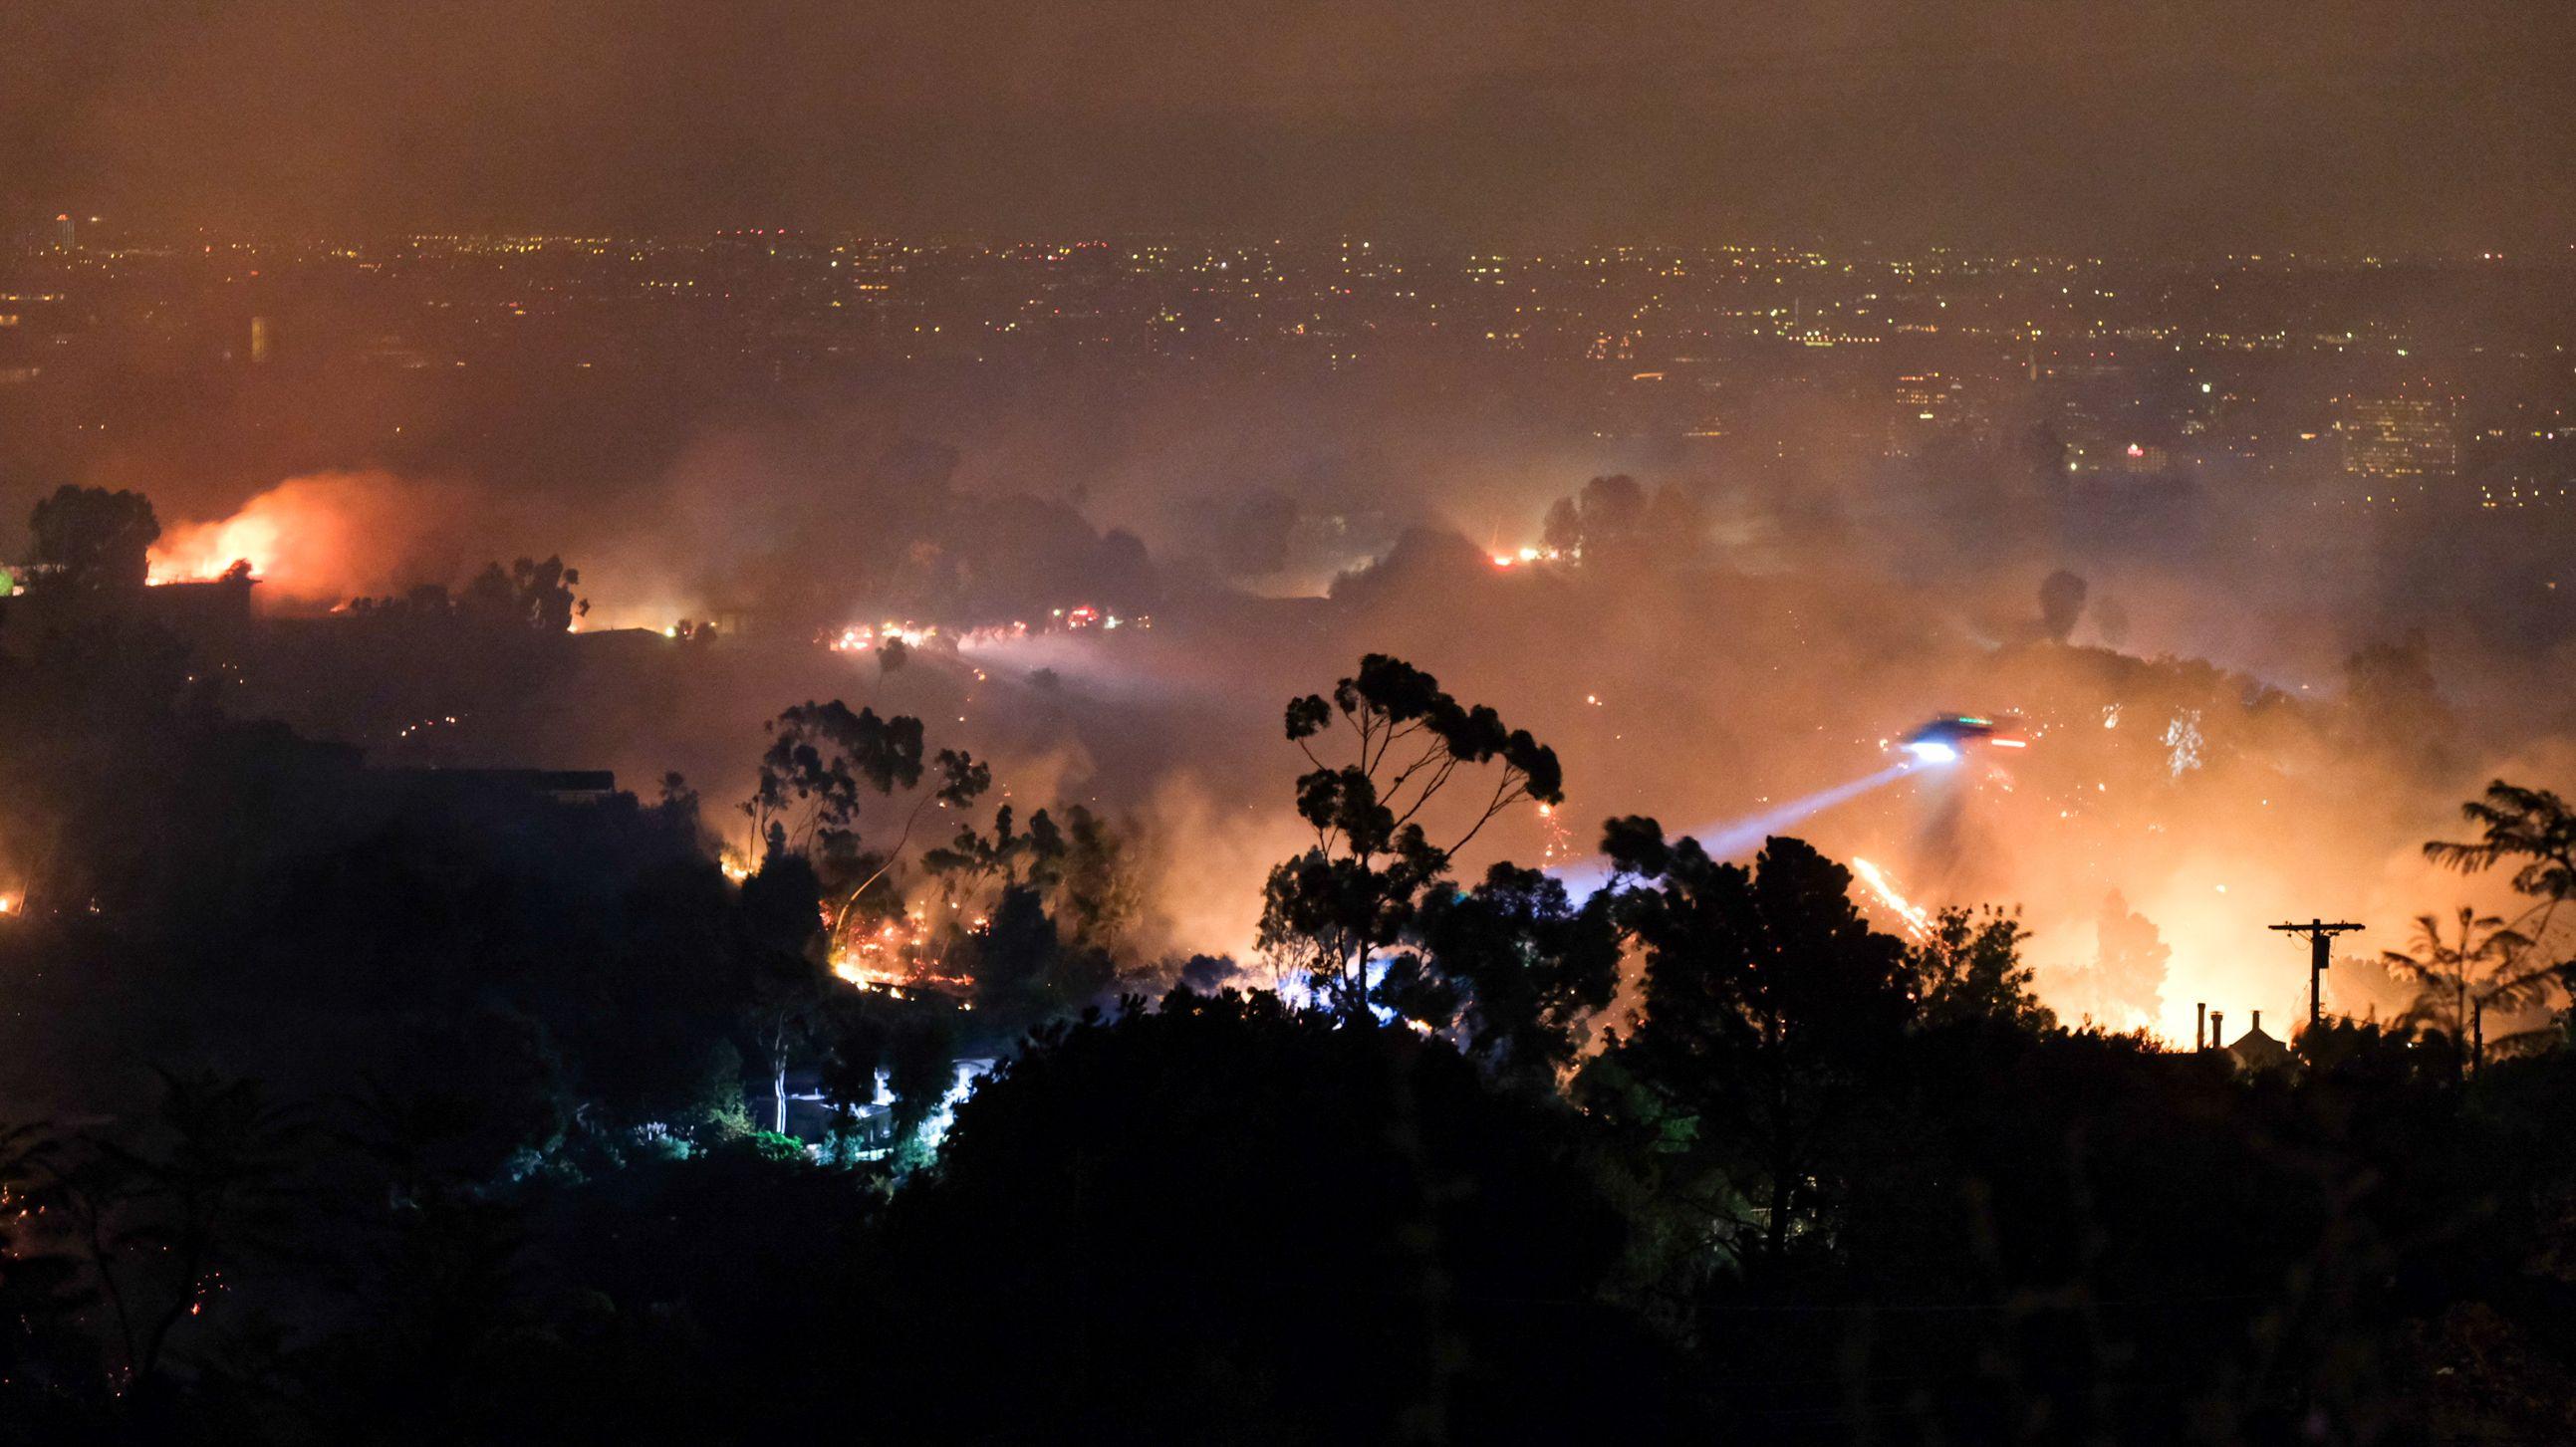 Los Angeles, Kalifornien: Ein Helikopter löscht in den frühen Morgenstunden von der Luft aus die Brände in den Bergen von Mandeville Canyon. Im Hintergrund sind die Lichter von Los Angeles zu sehen.